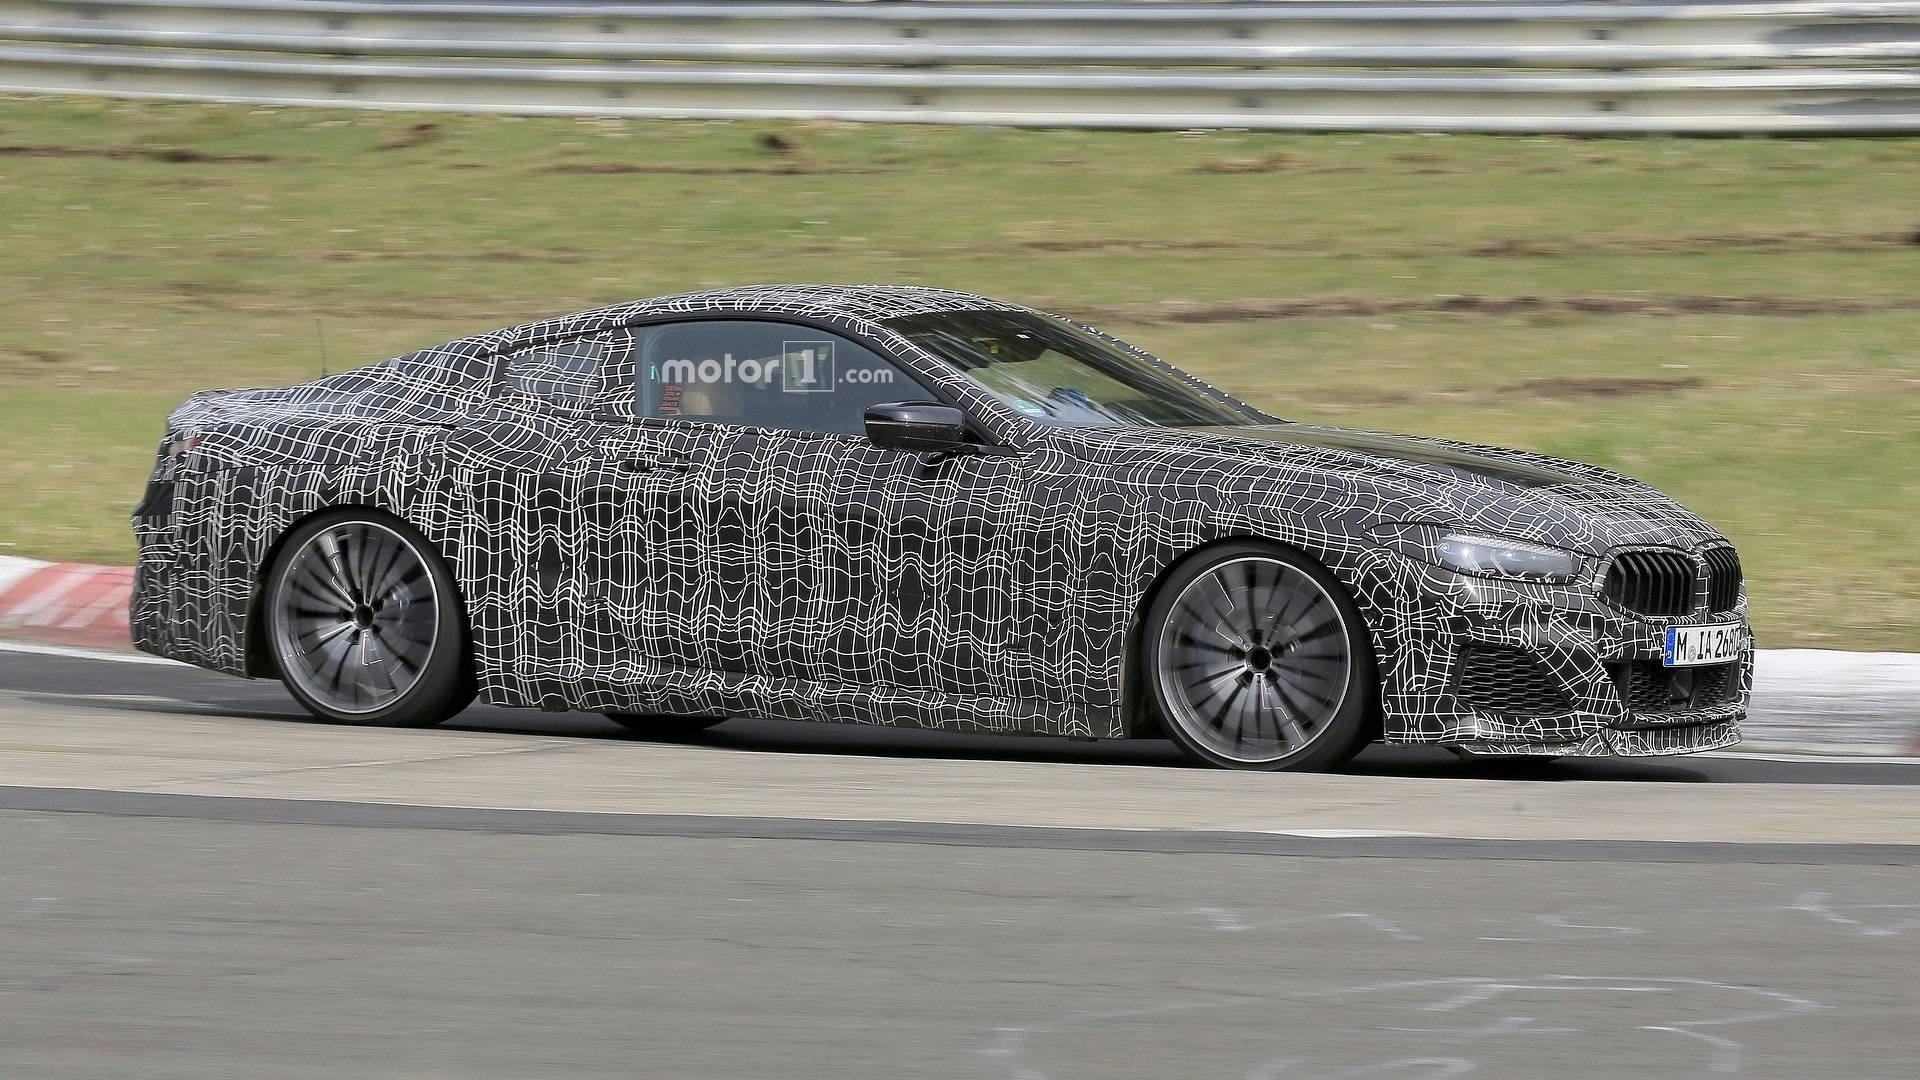 Купе икабриолет BMW 8 Series были замечены натрассе Нюрбургринг